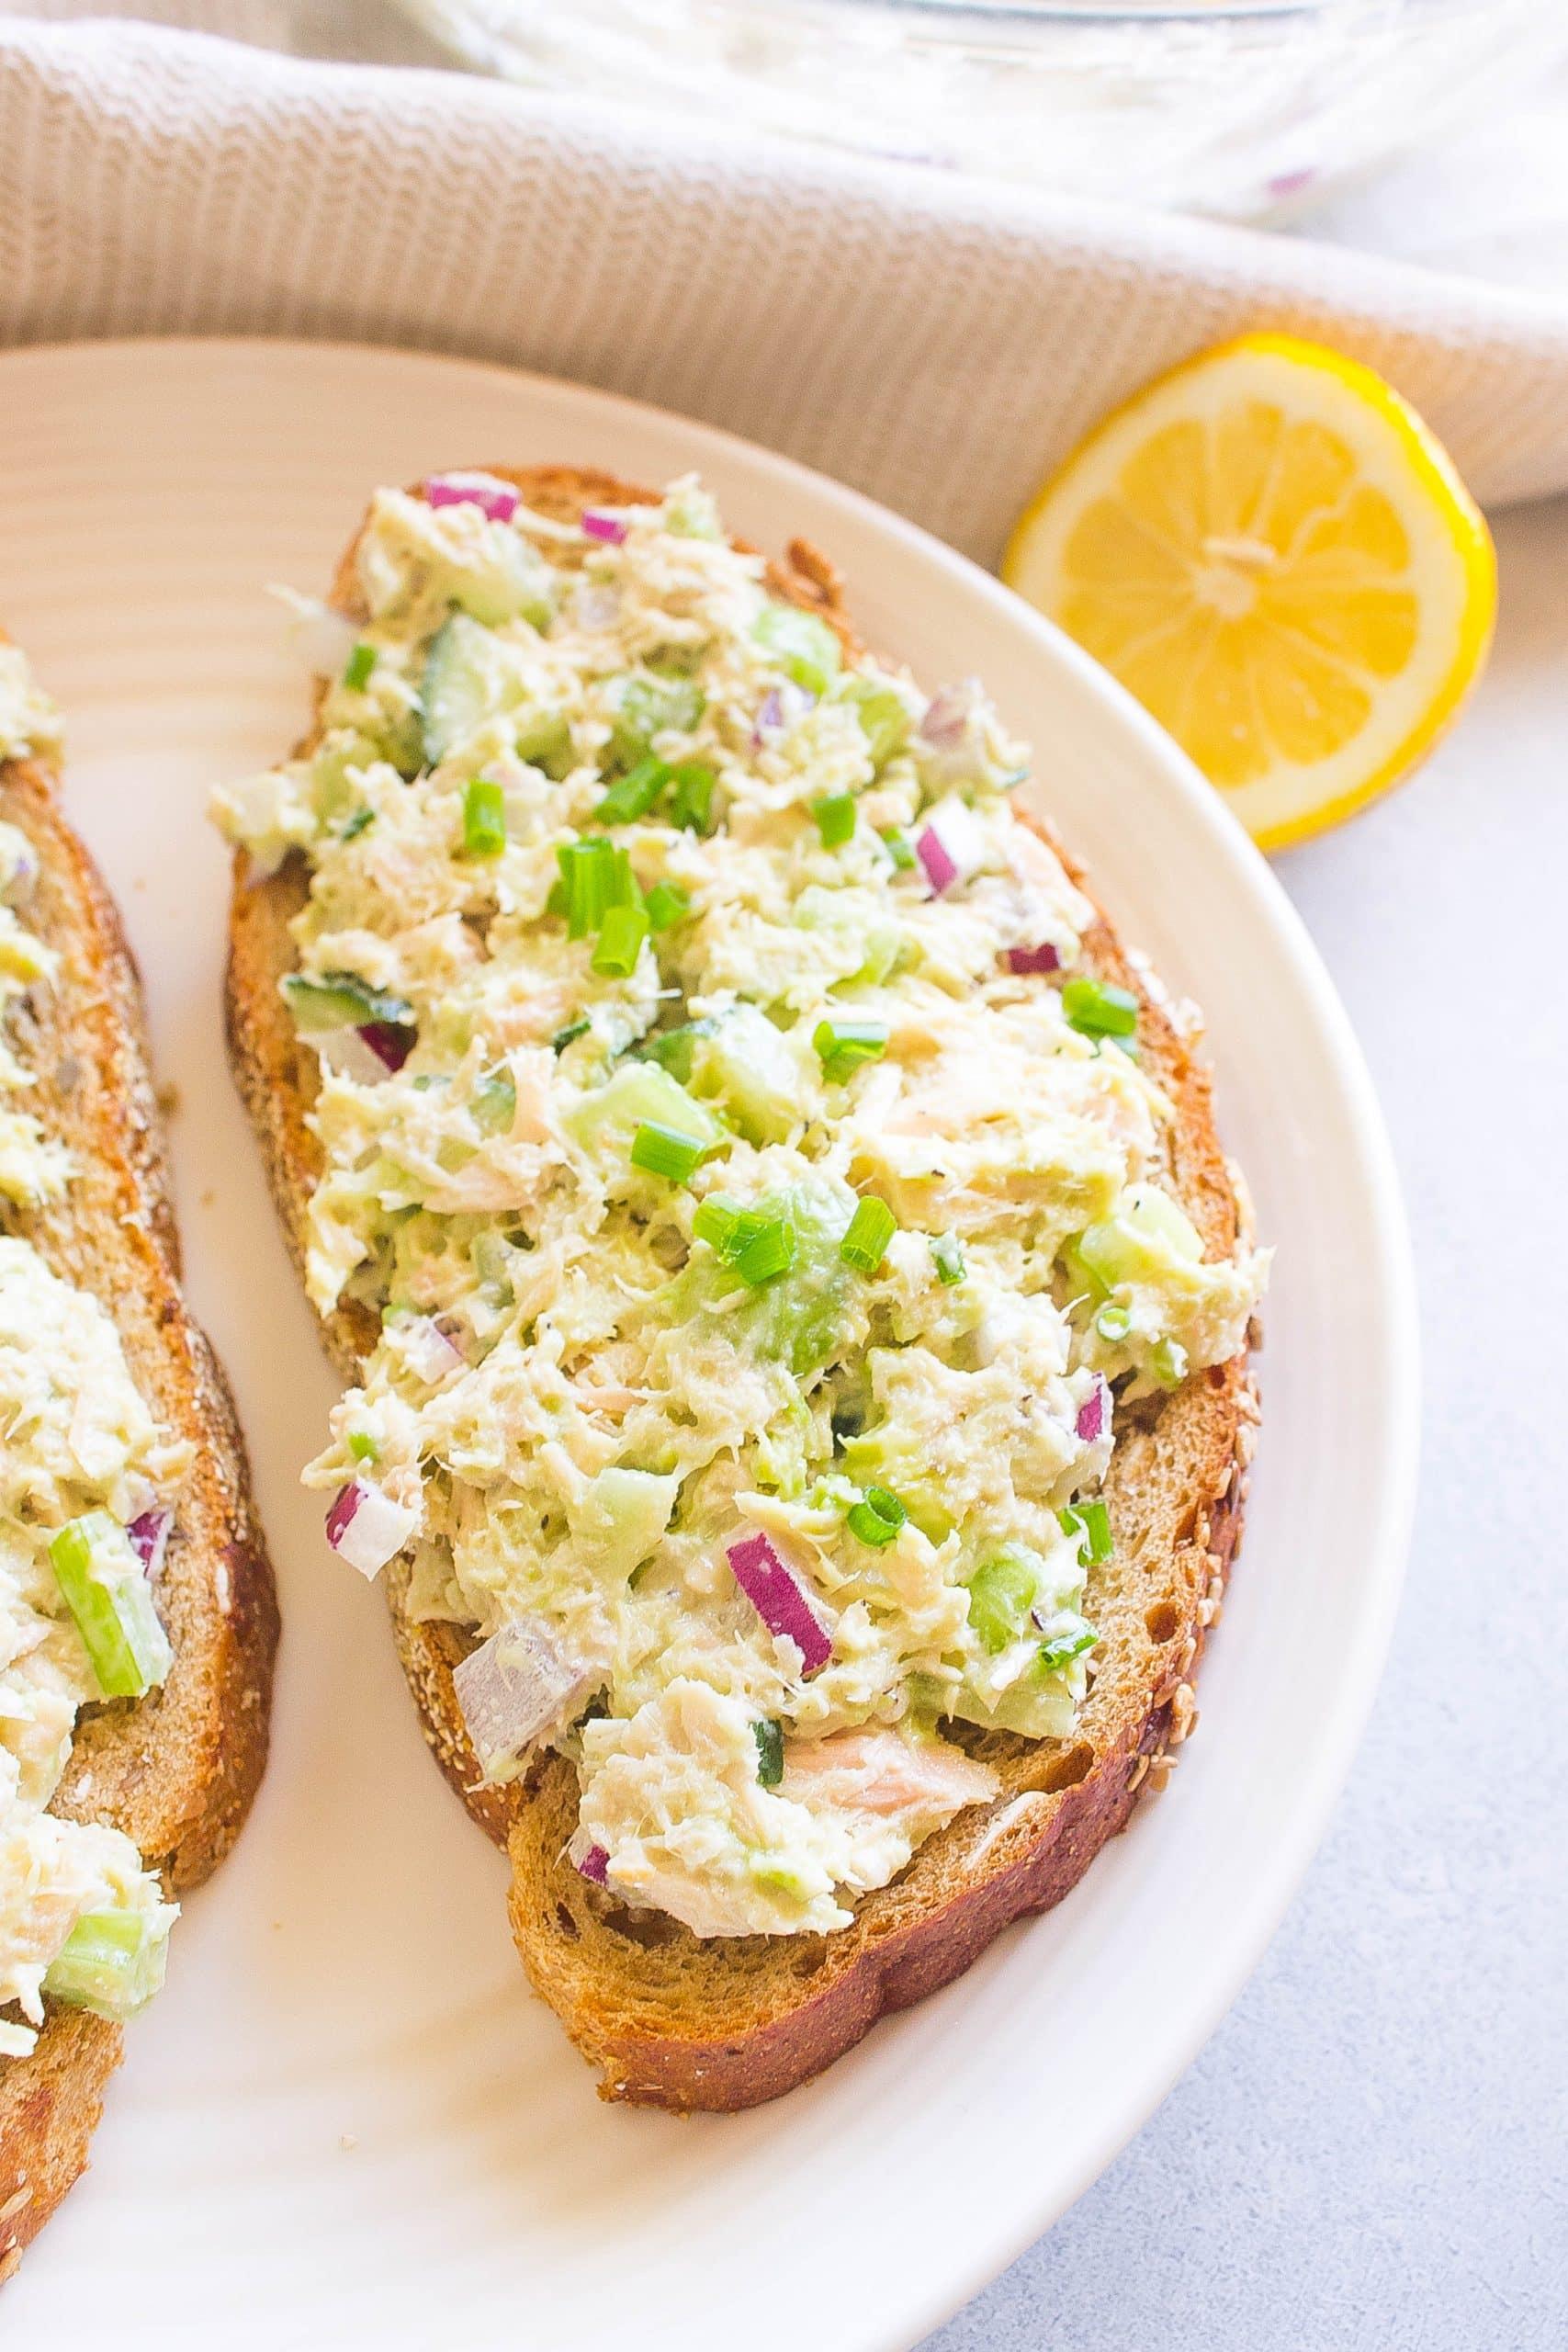 Healthy Avocado Tuna Salad